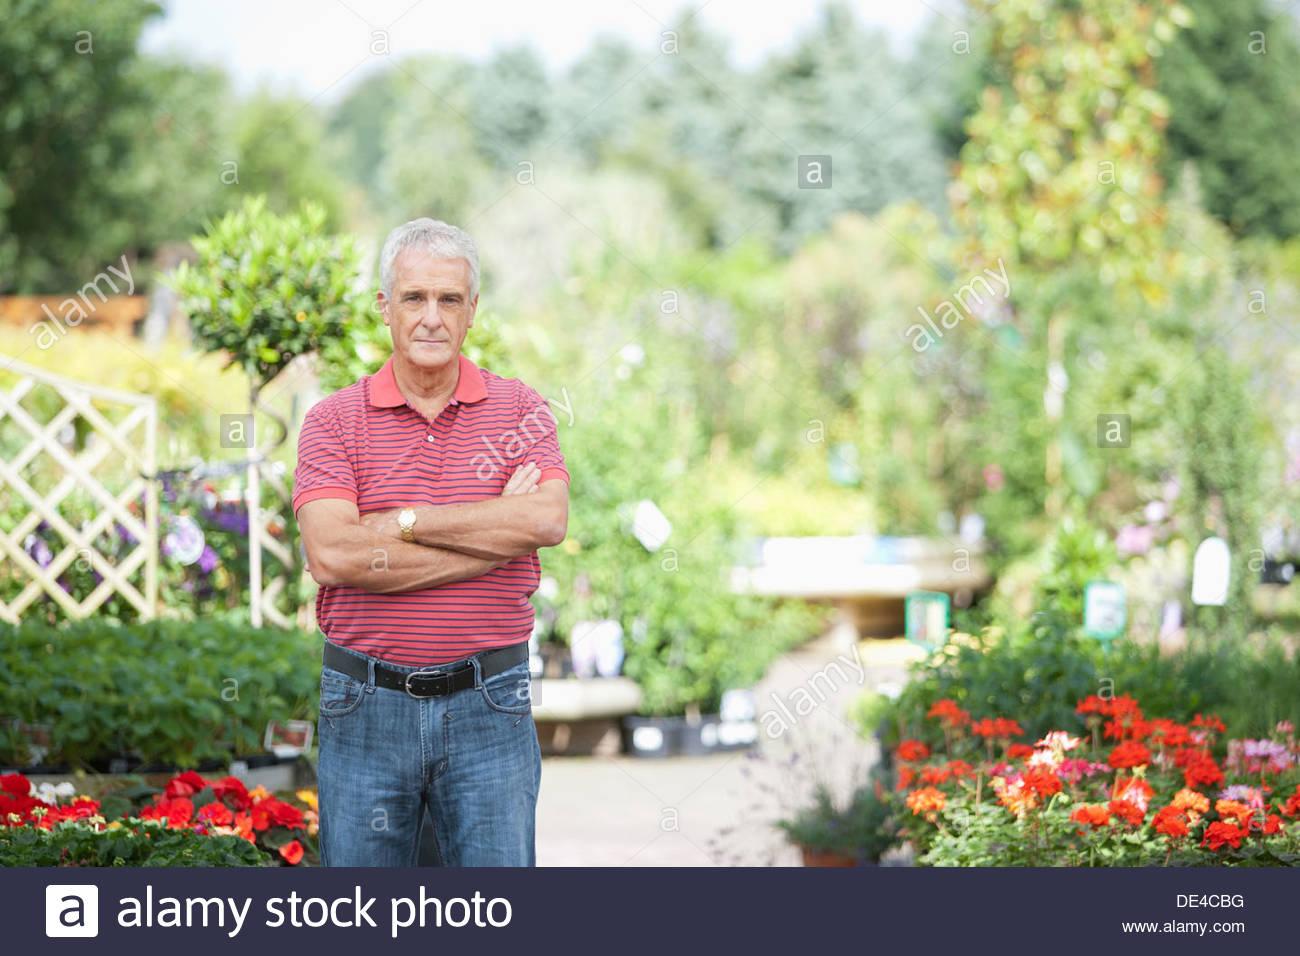 Man Standing in garden Photo Stock